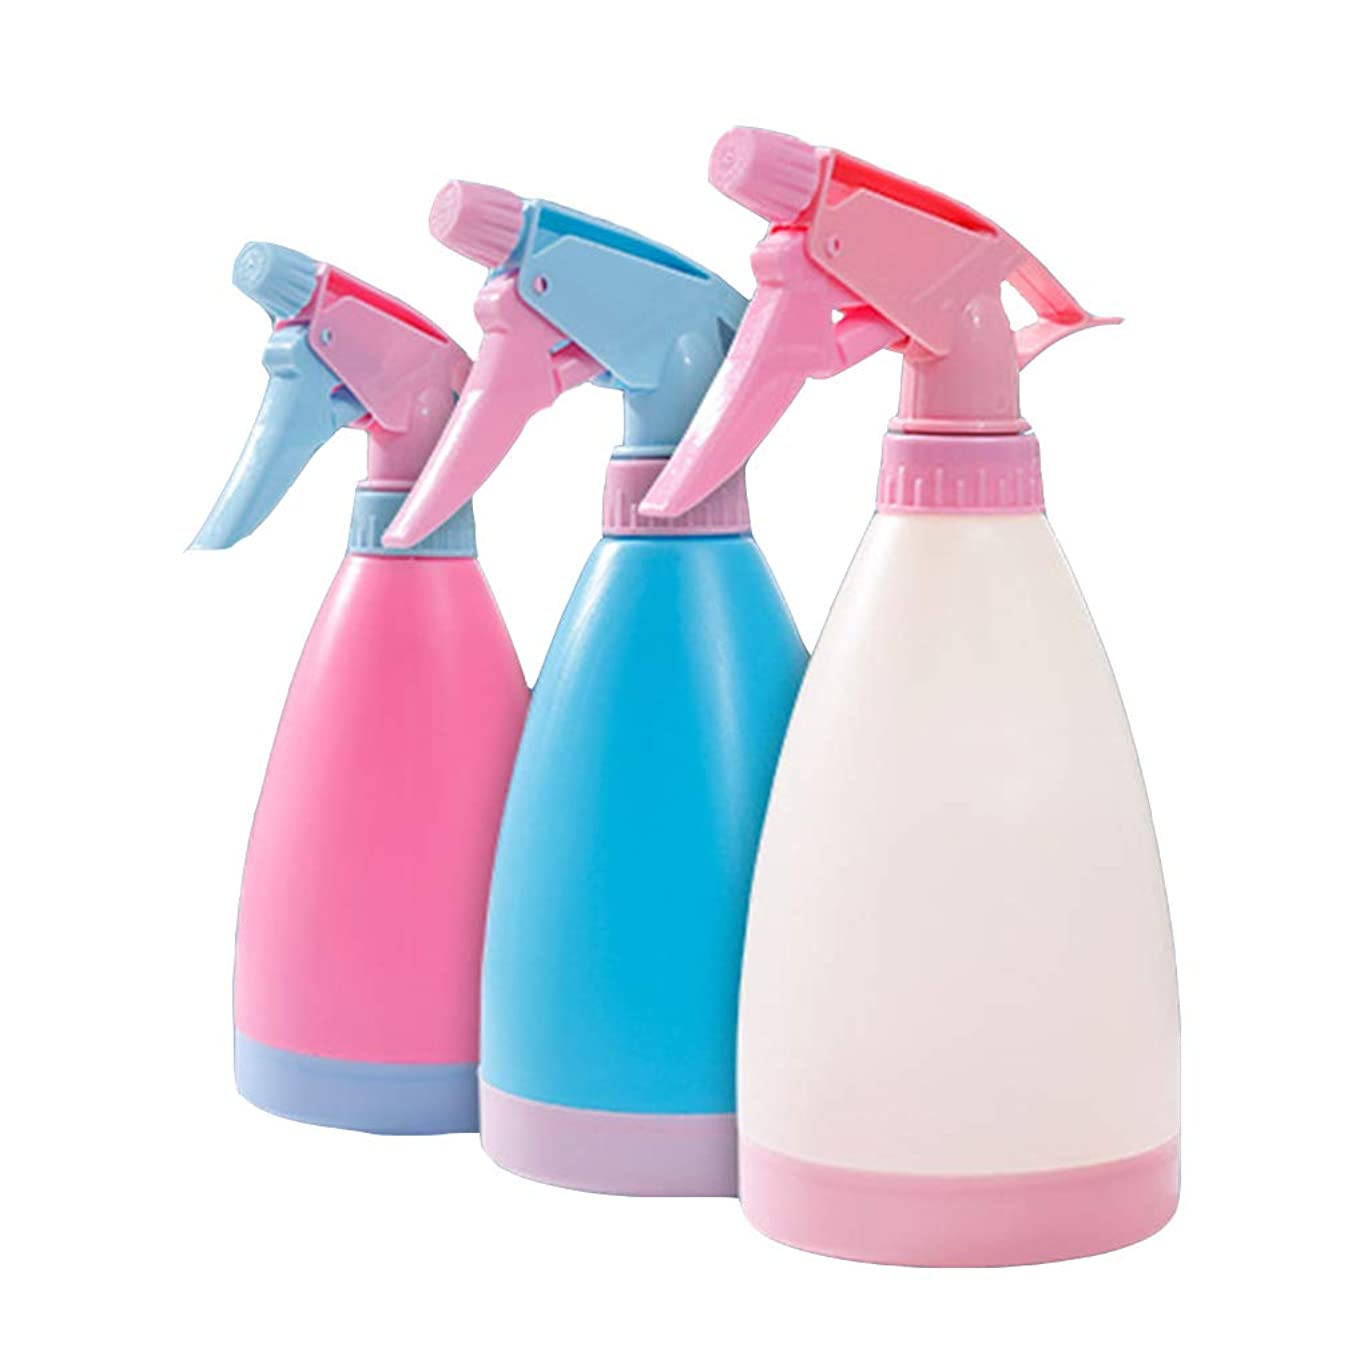 顕現最高極端な給水缶、給水スプリンクラー、美容師、園芸用具、小型スプレーボトル (色 : A)